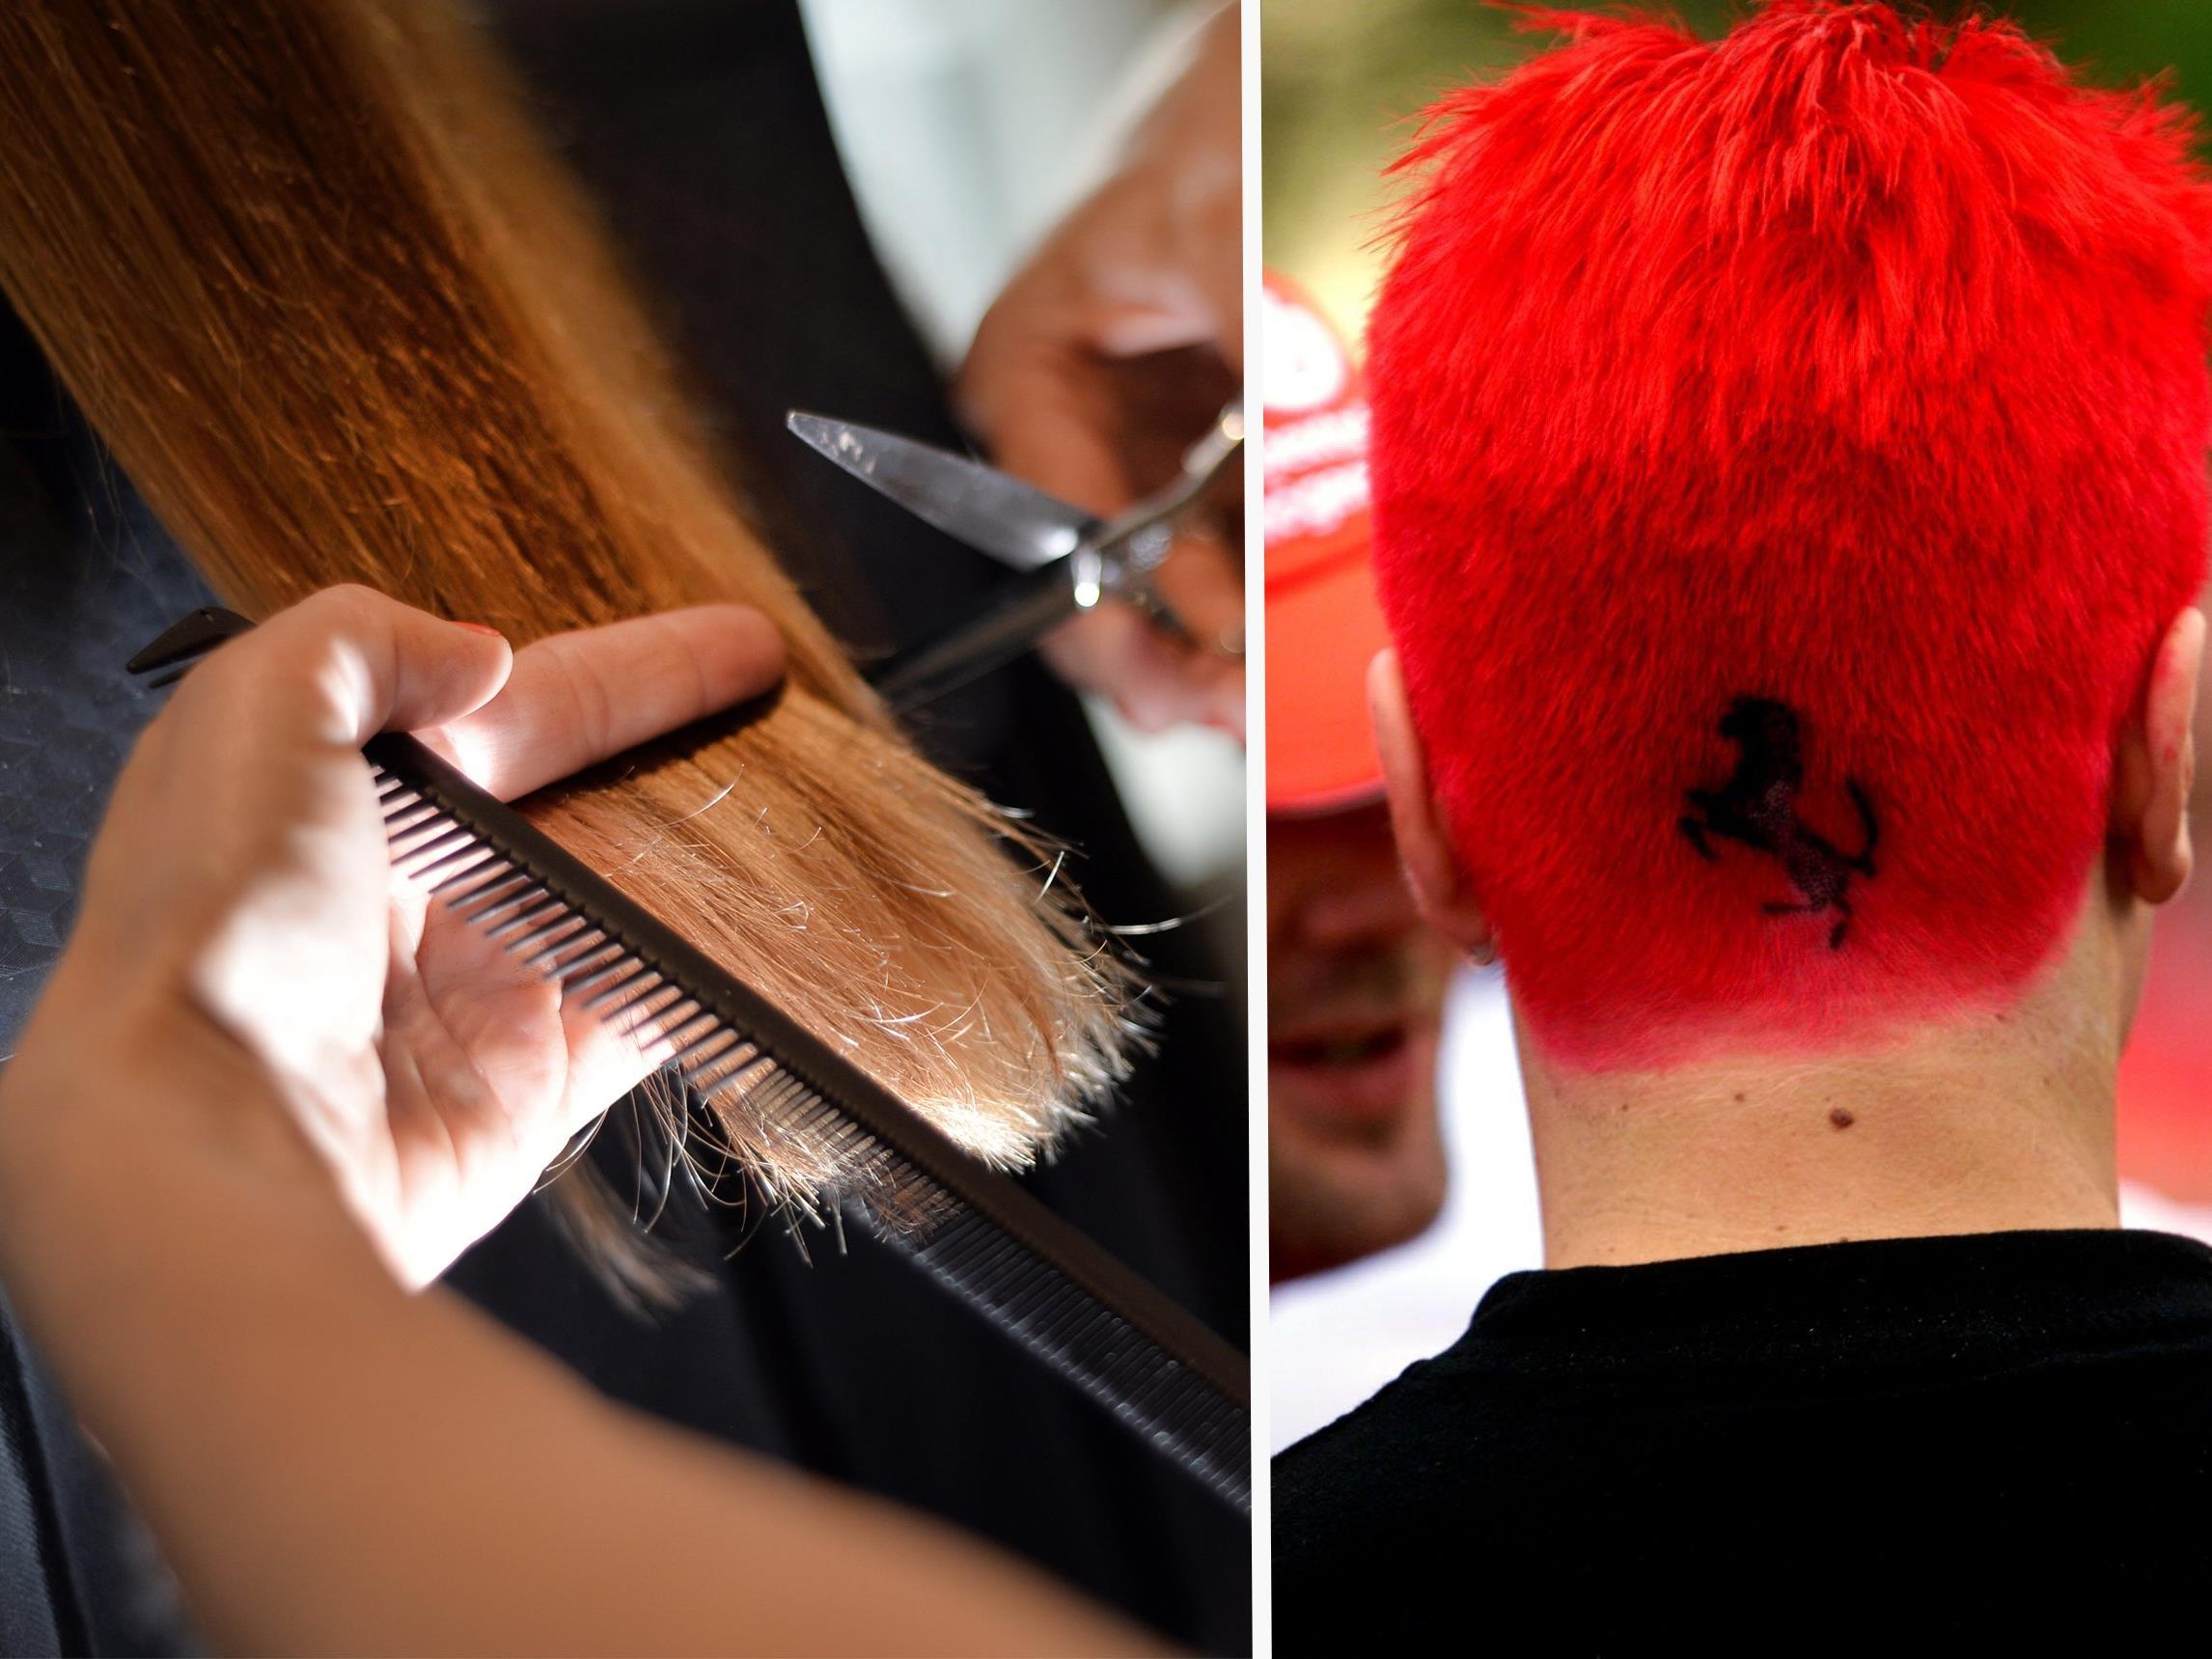 Wie wäre es mit einer ganz ausgefallenen Frisur?